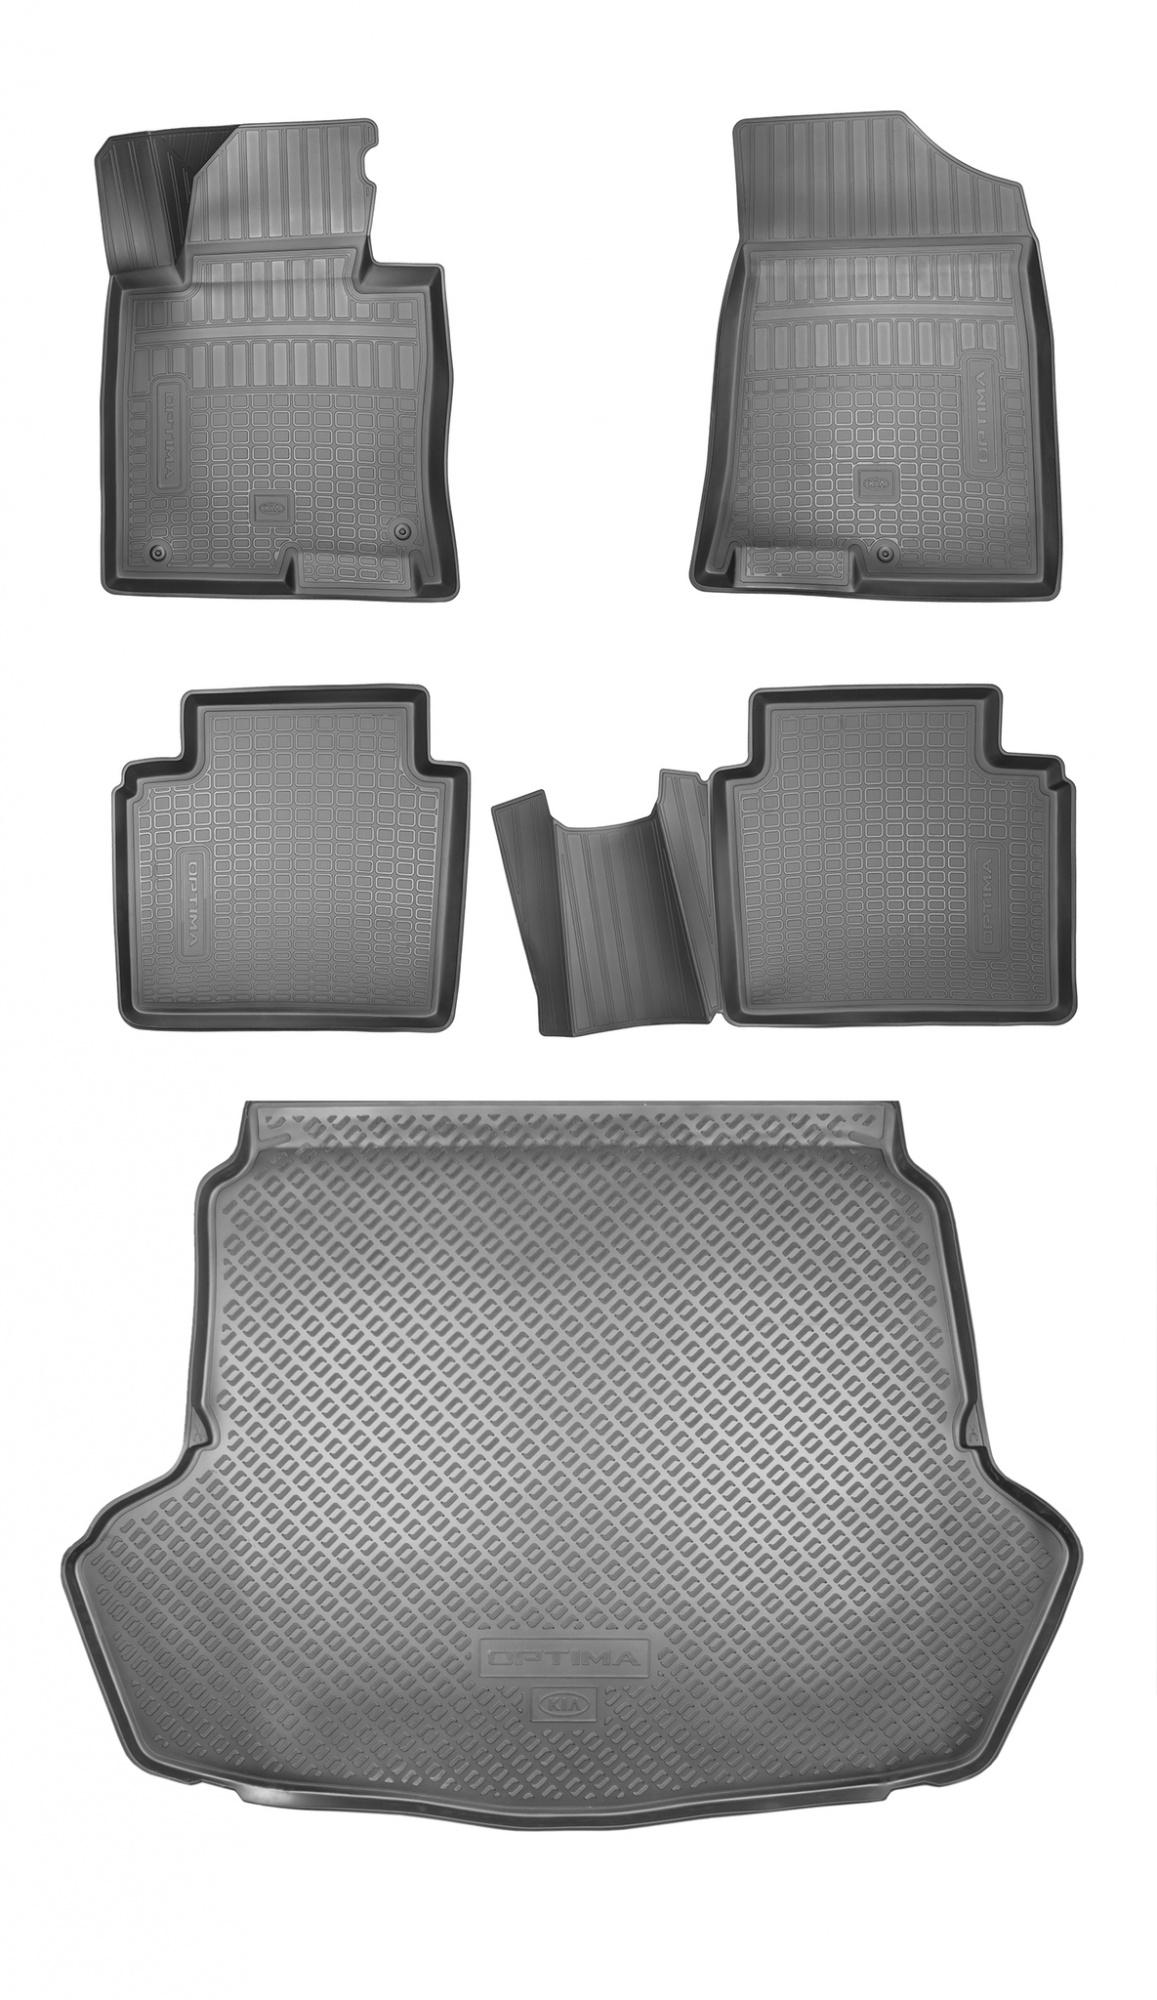 Коврики в салон и багажник (полиуретановые) для версий Classic и Comfort Mobis R8130D4001P для Kia Optima 2018 - штатный колесный диск 19 дюймов mobis 52910d4710 для kia optima 2018